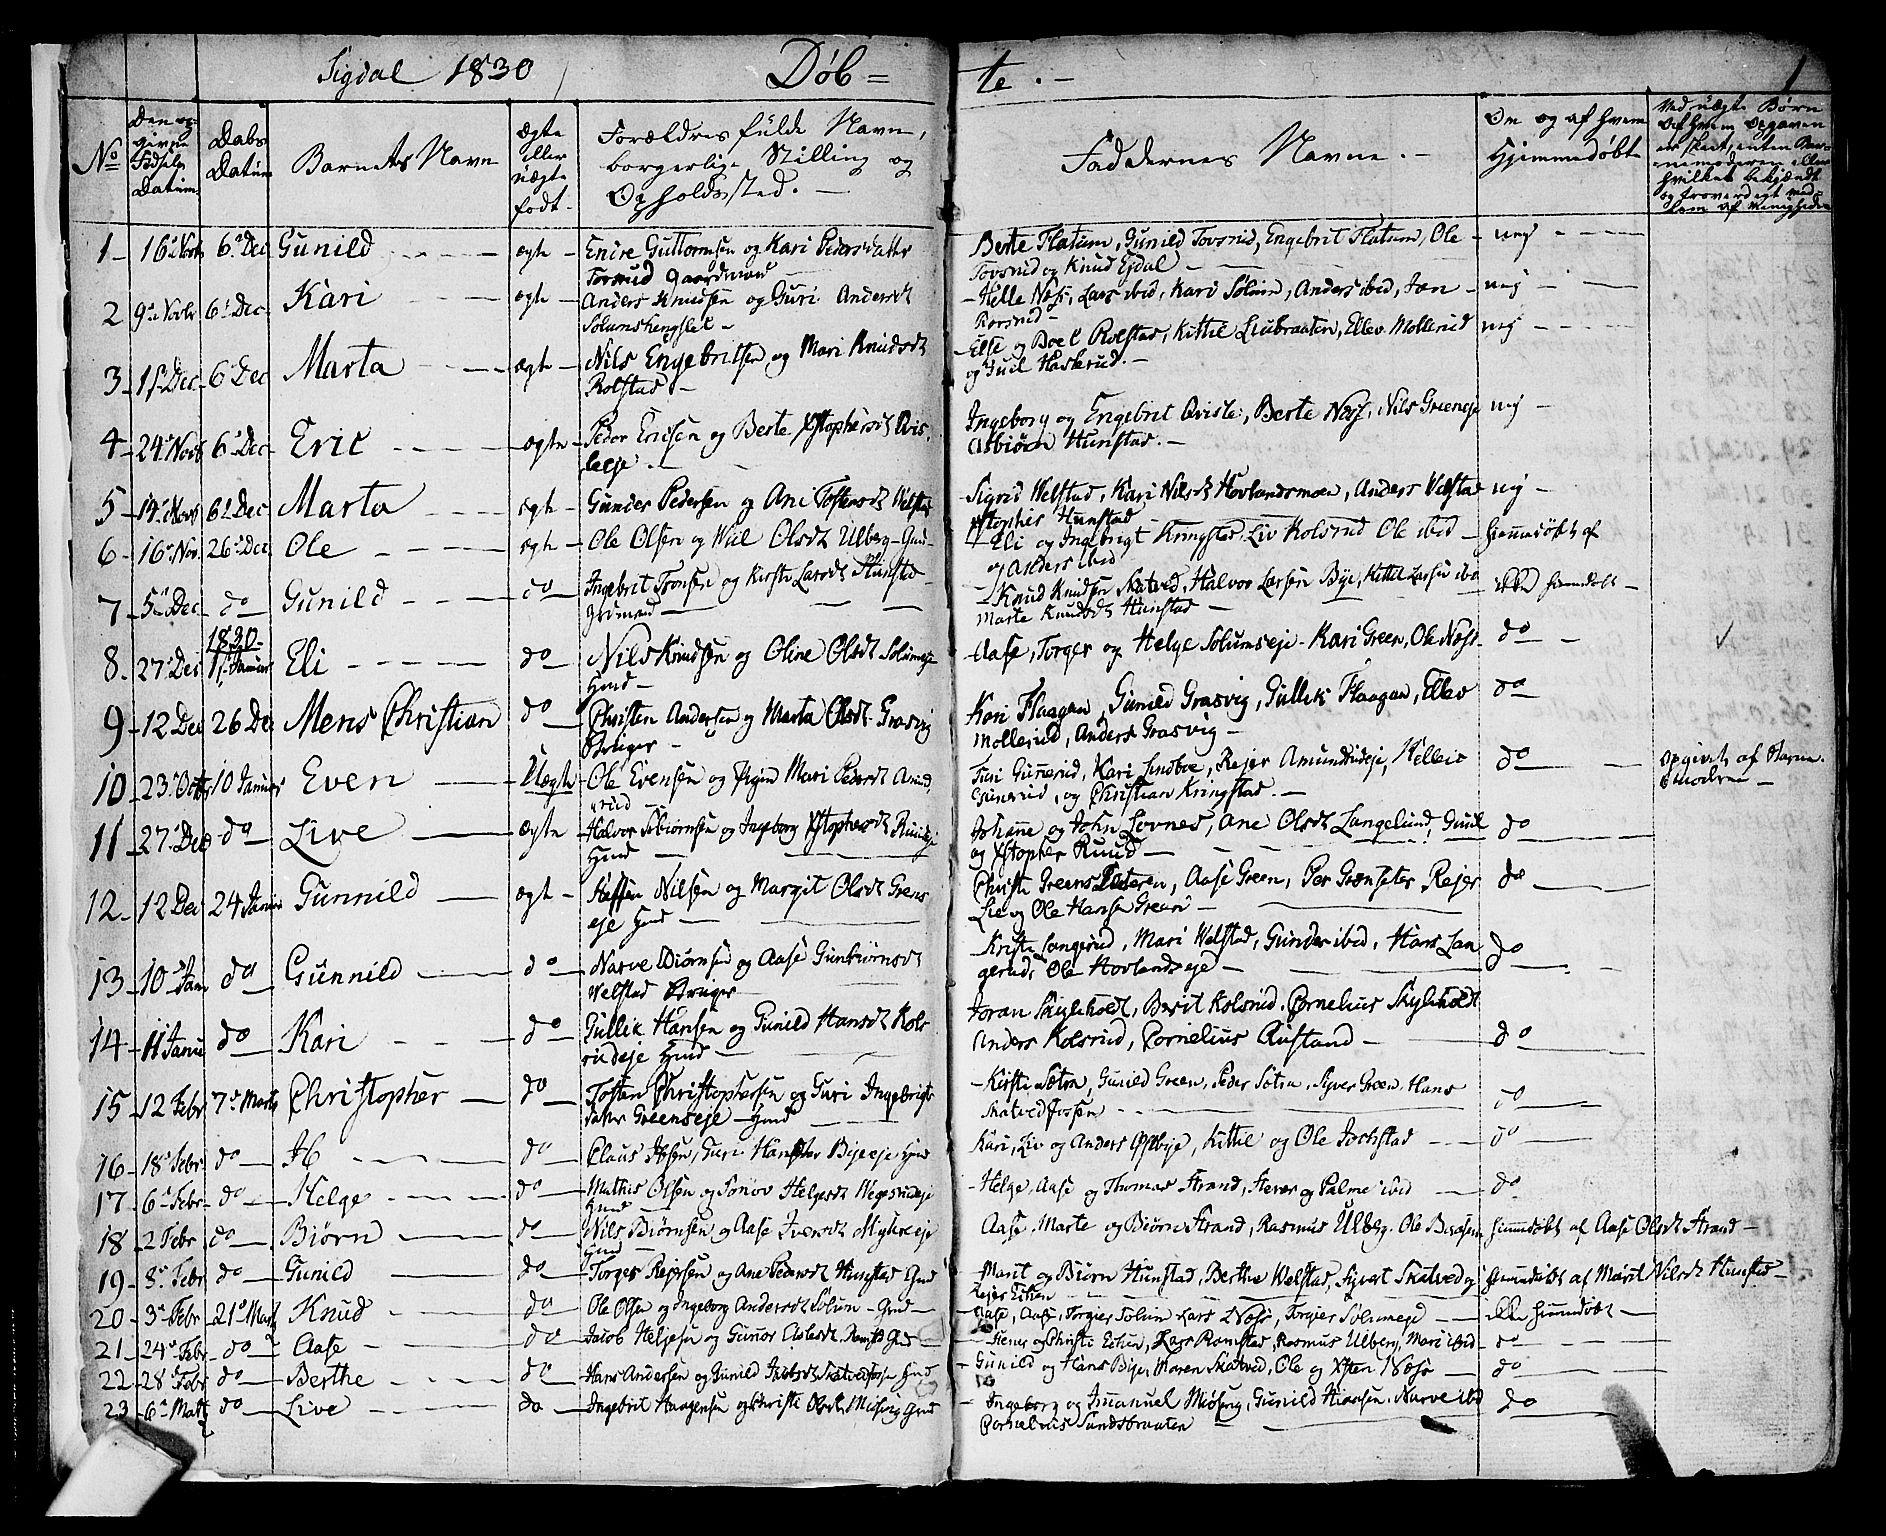 SAKO, Sigdal kirkebøker, F/Fa/L0006: Ministerialbok nr. I 6 /1, 1829-1843, s. 1